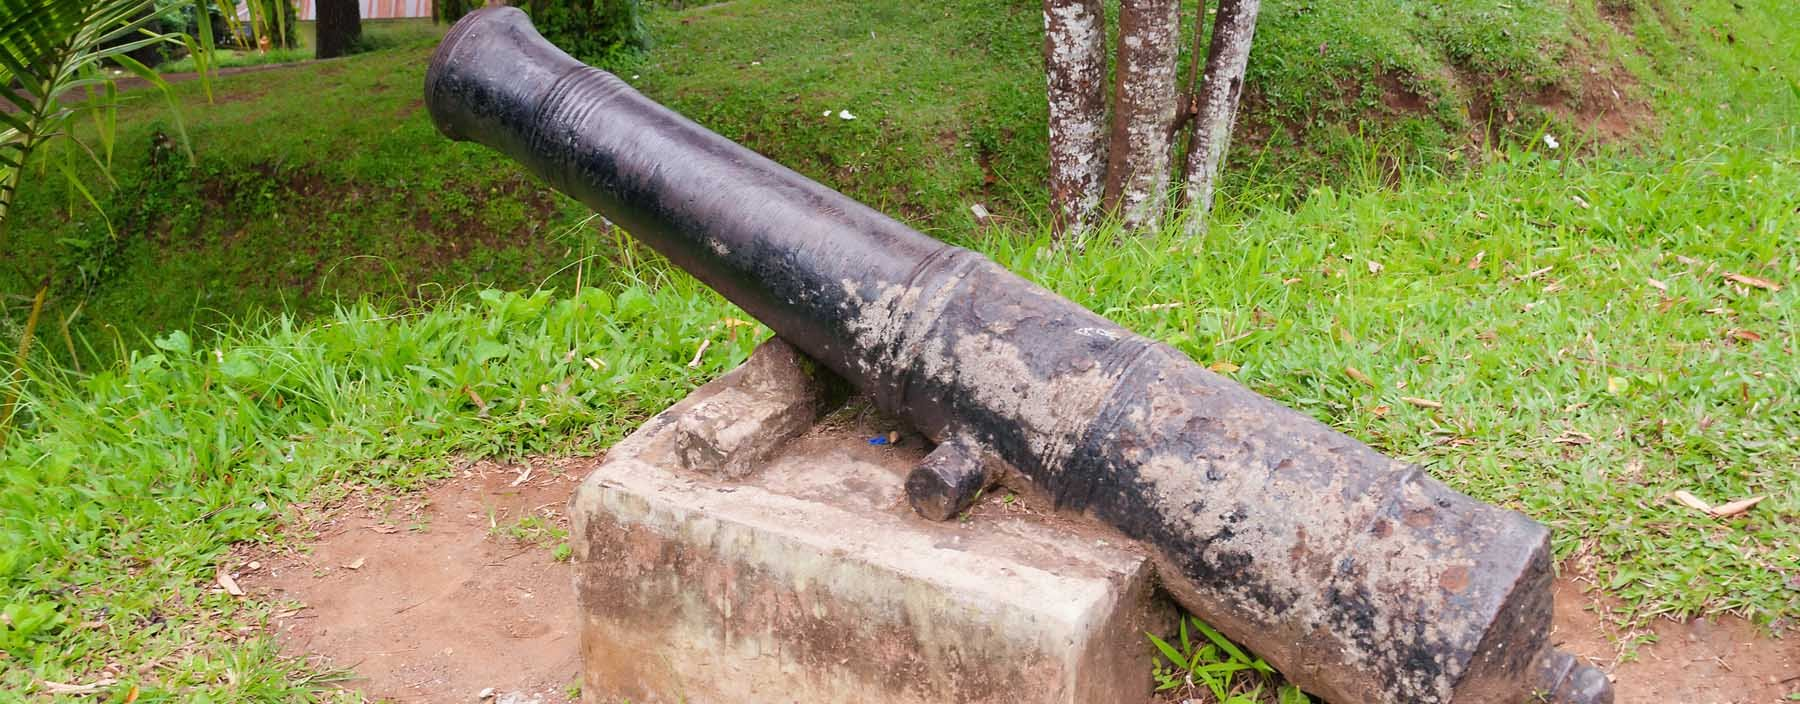 id, sumatra, bukittinggi, fort de kock (1).jpg